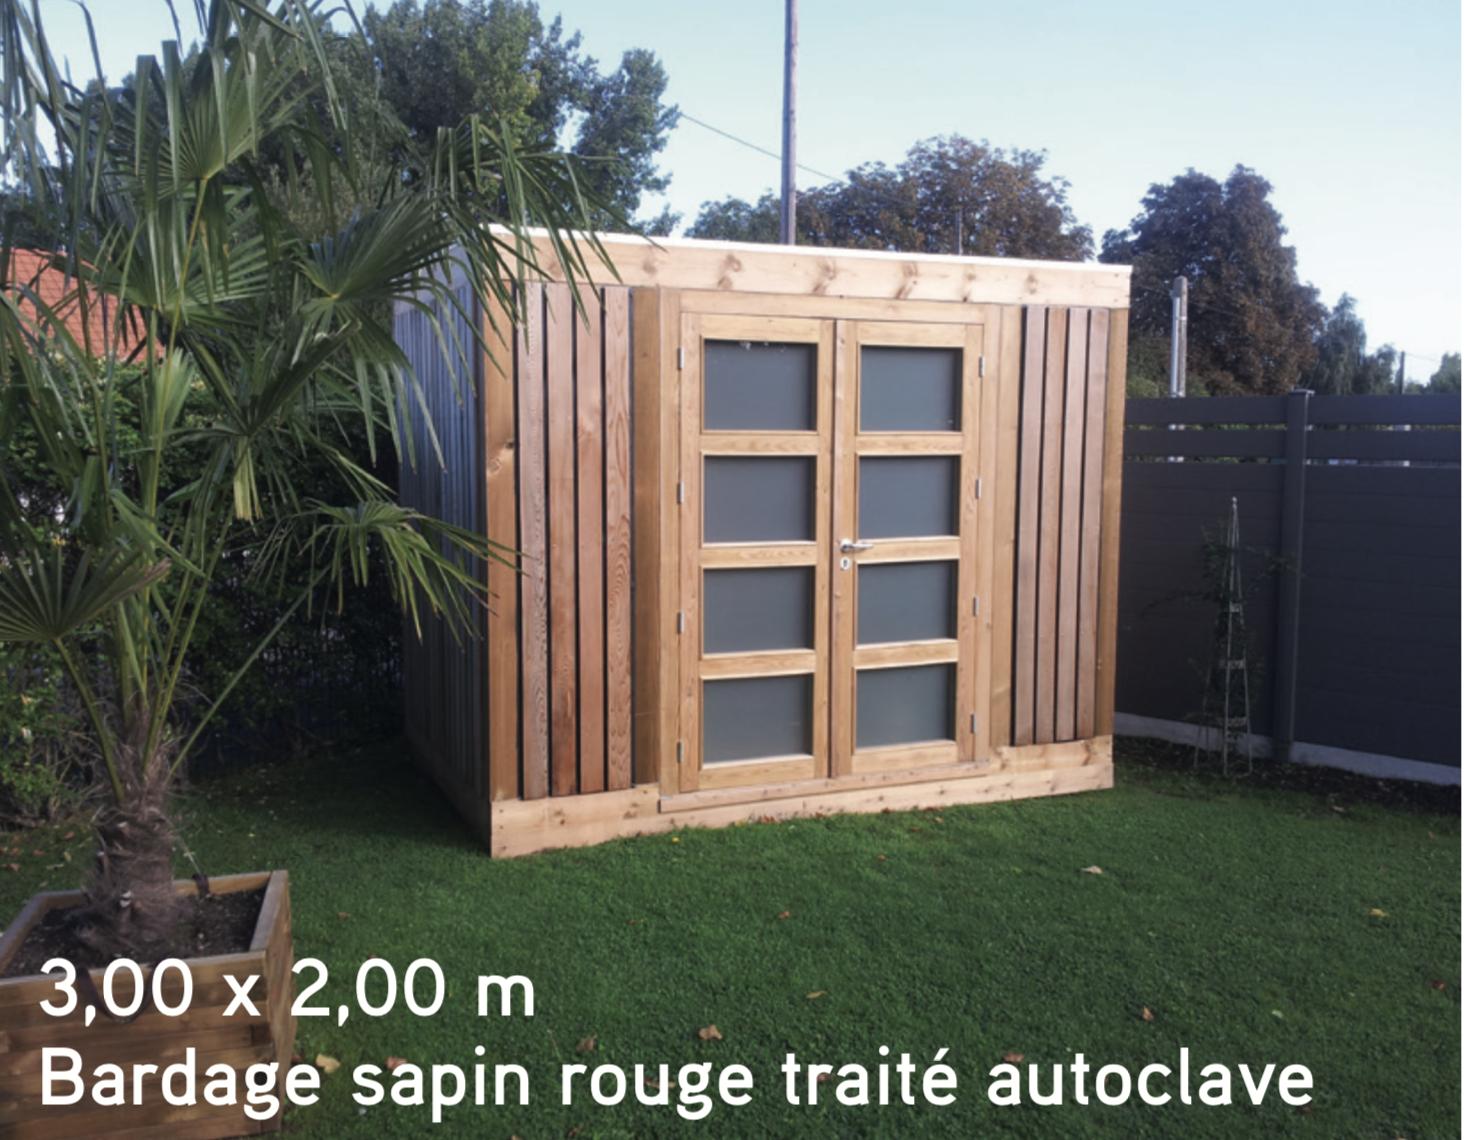 Quadro 3,00 X 2,00 M Bardage Sapin Rouge Traité Autoclave ... intérieur Abris De Jardin Bois Autoclave